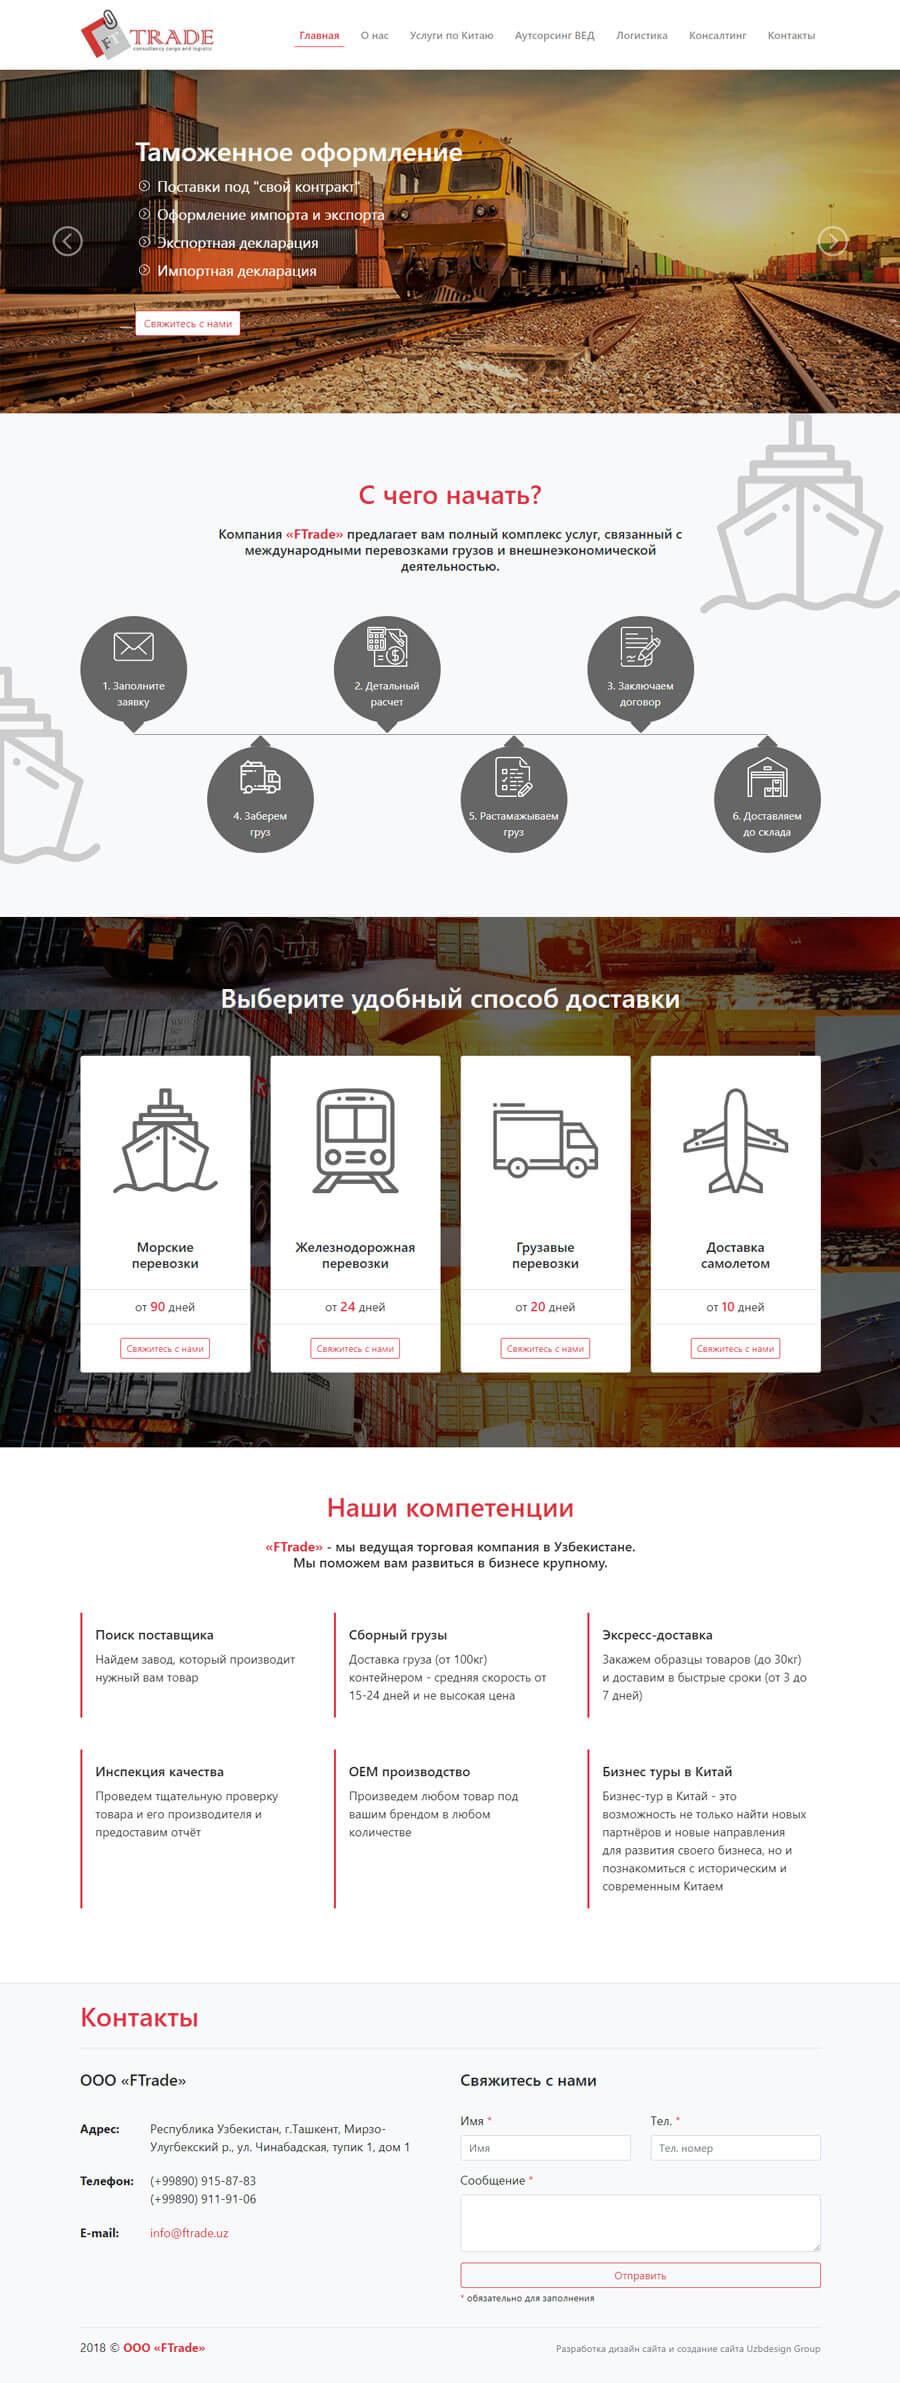 Разработка дизайн сайта и создание сайта для Ftrade.uz